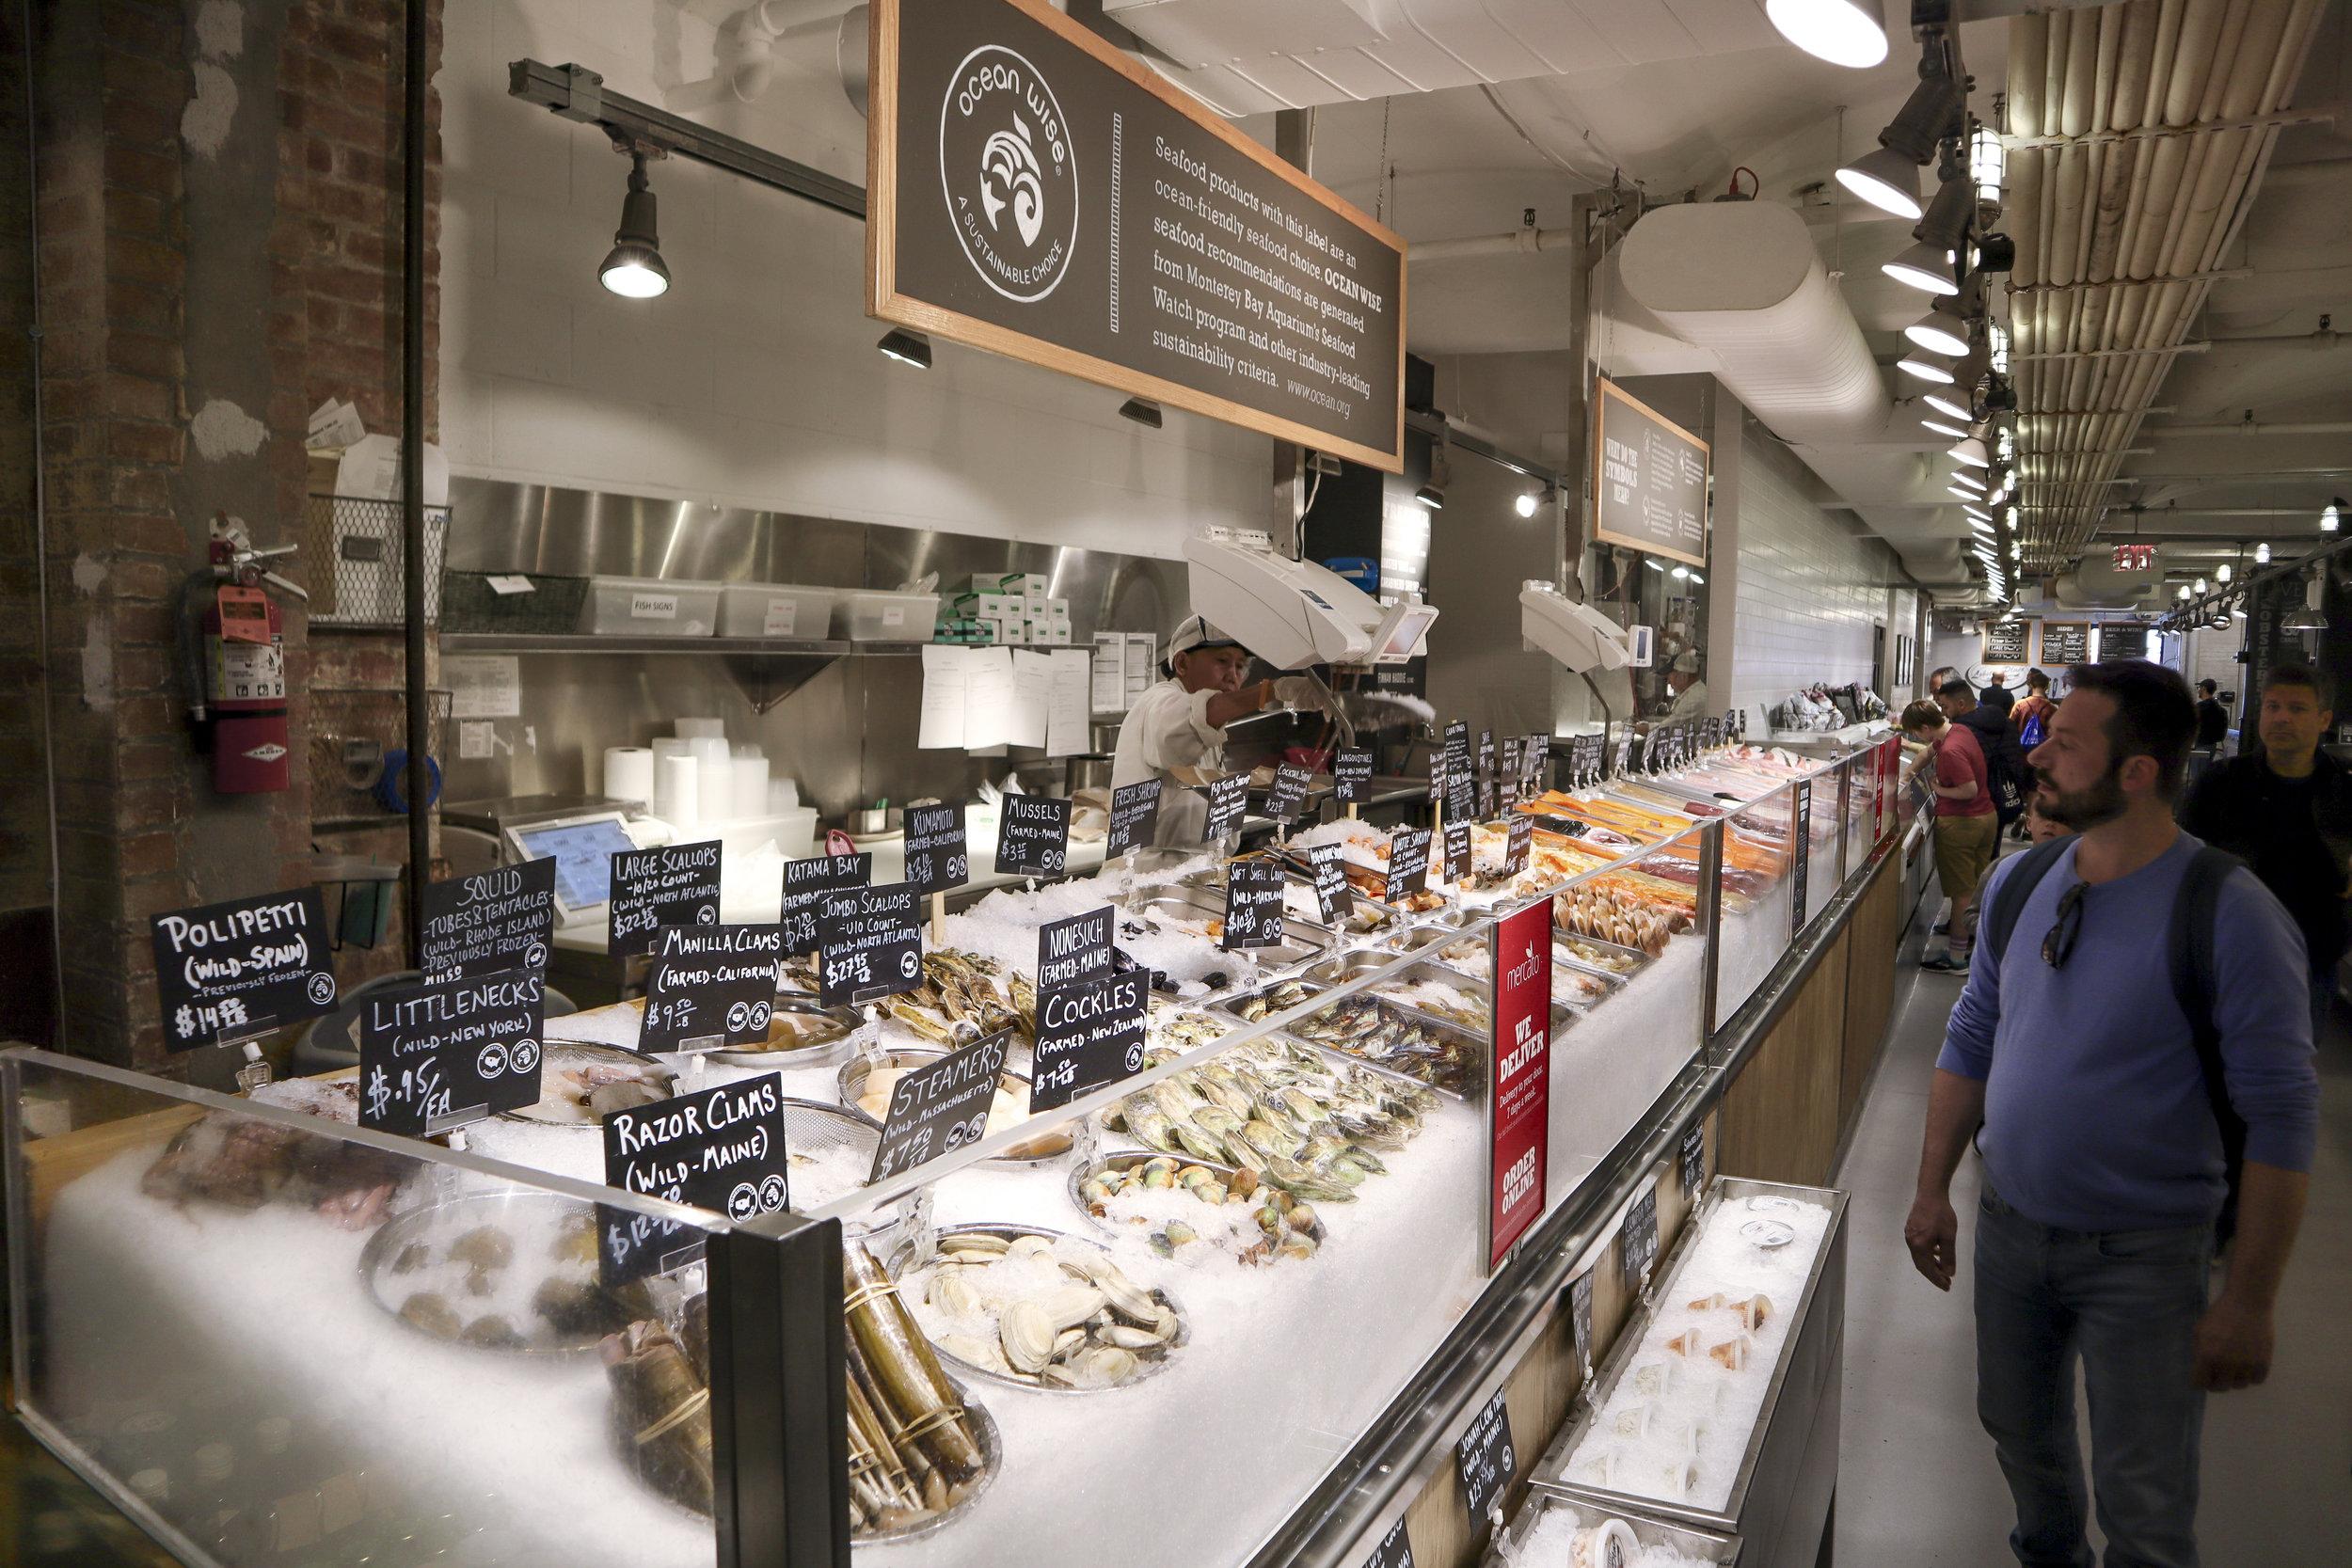 Челси маркет внутри рыбный рынок.jpg